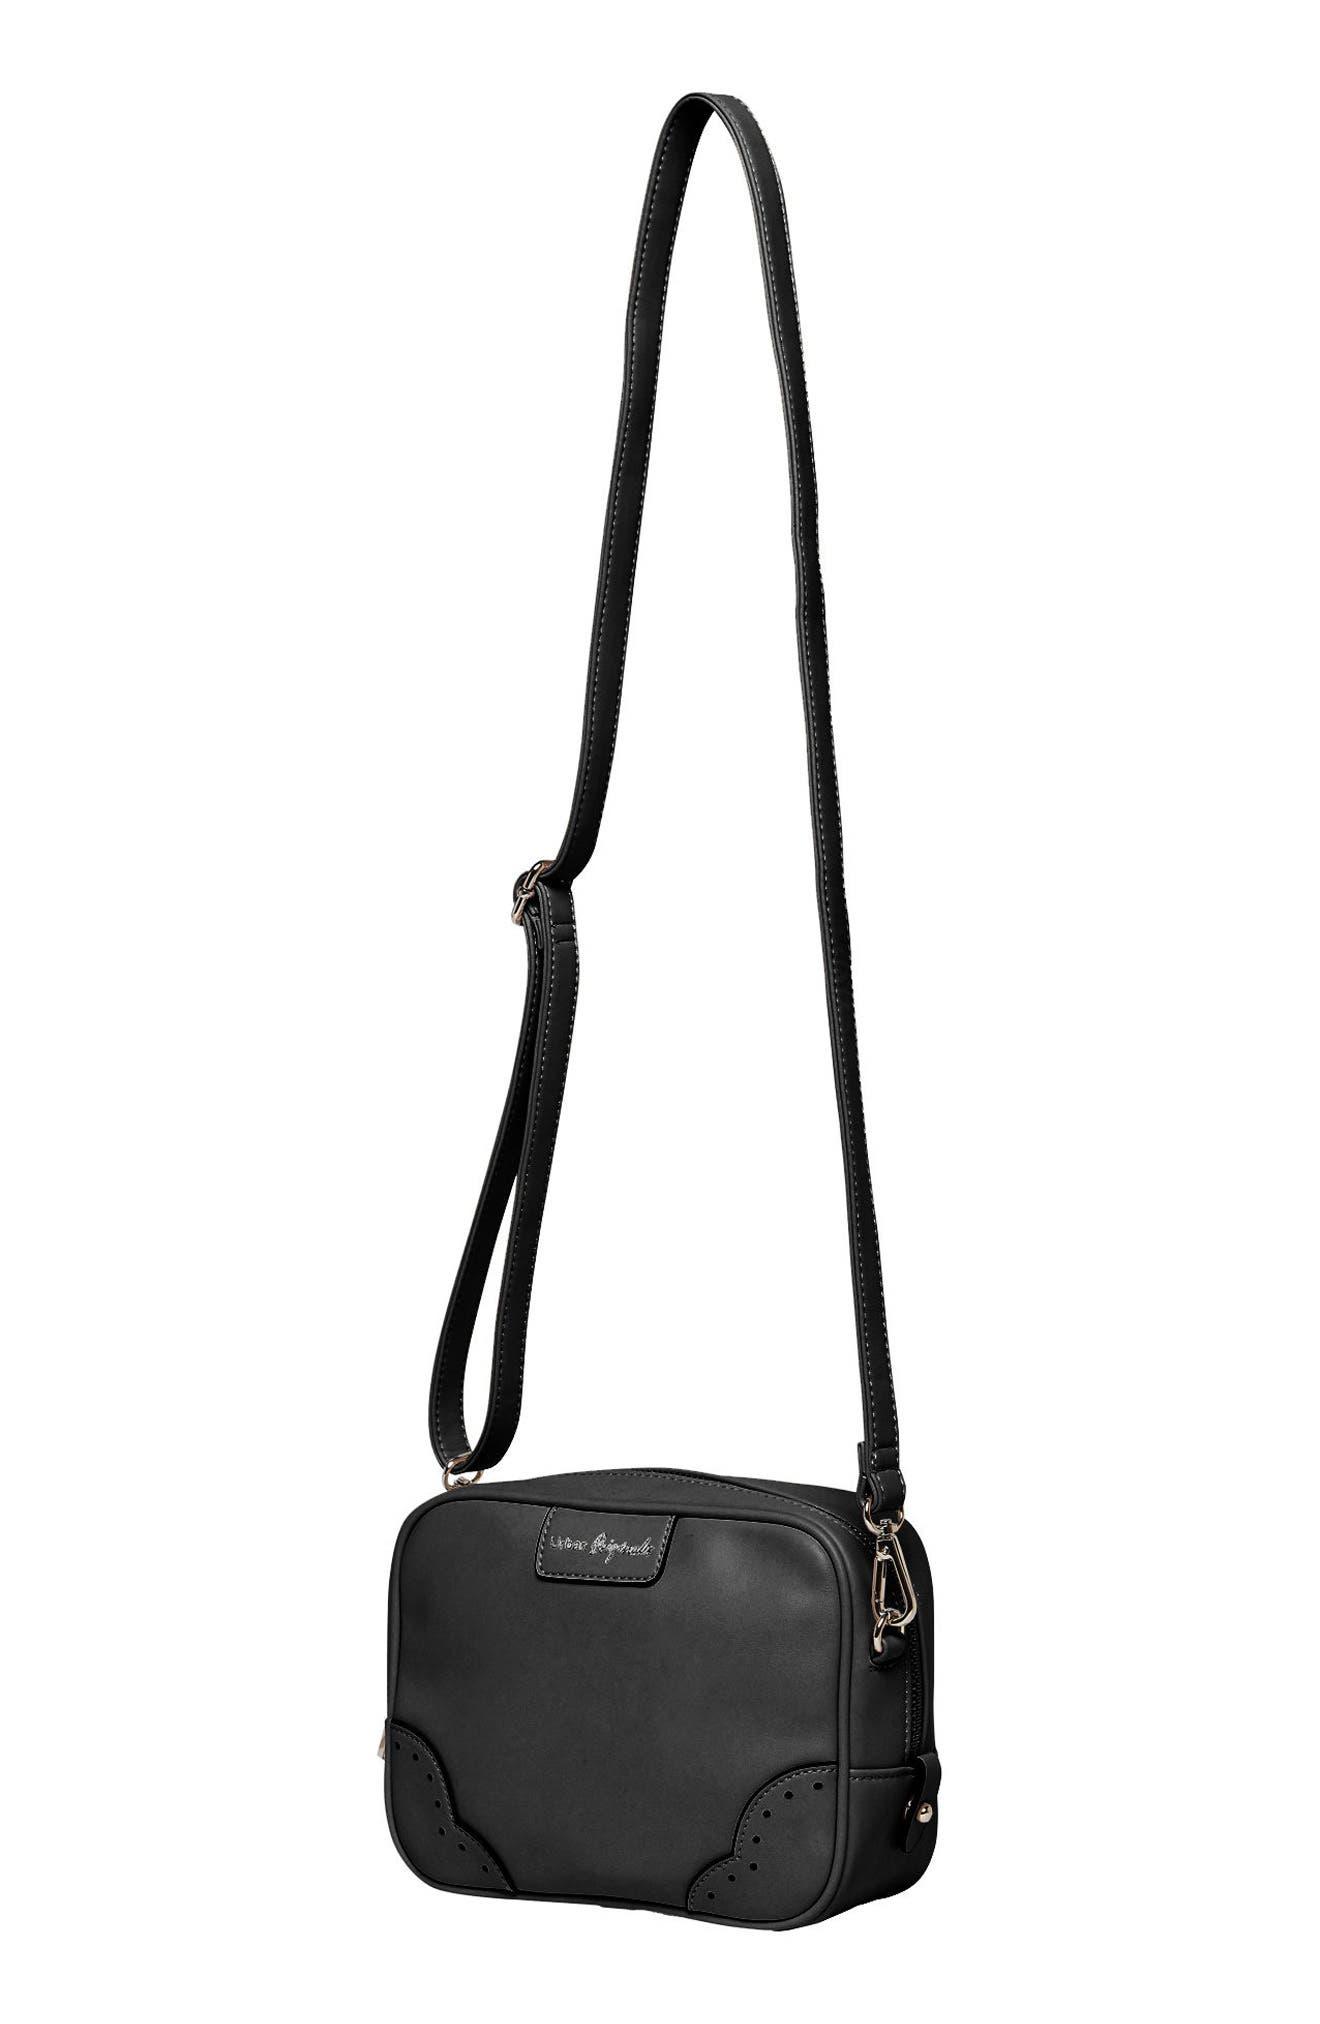 Splendour Vegan Leather Crossbody Bag,                             Alternate thumbnail 3, color,                             001